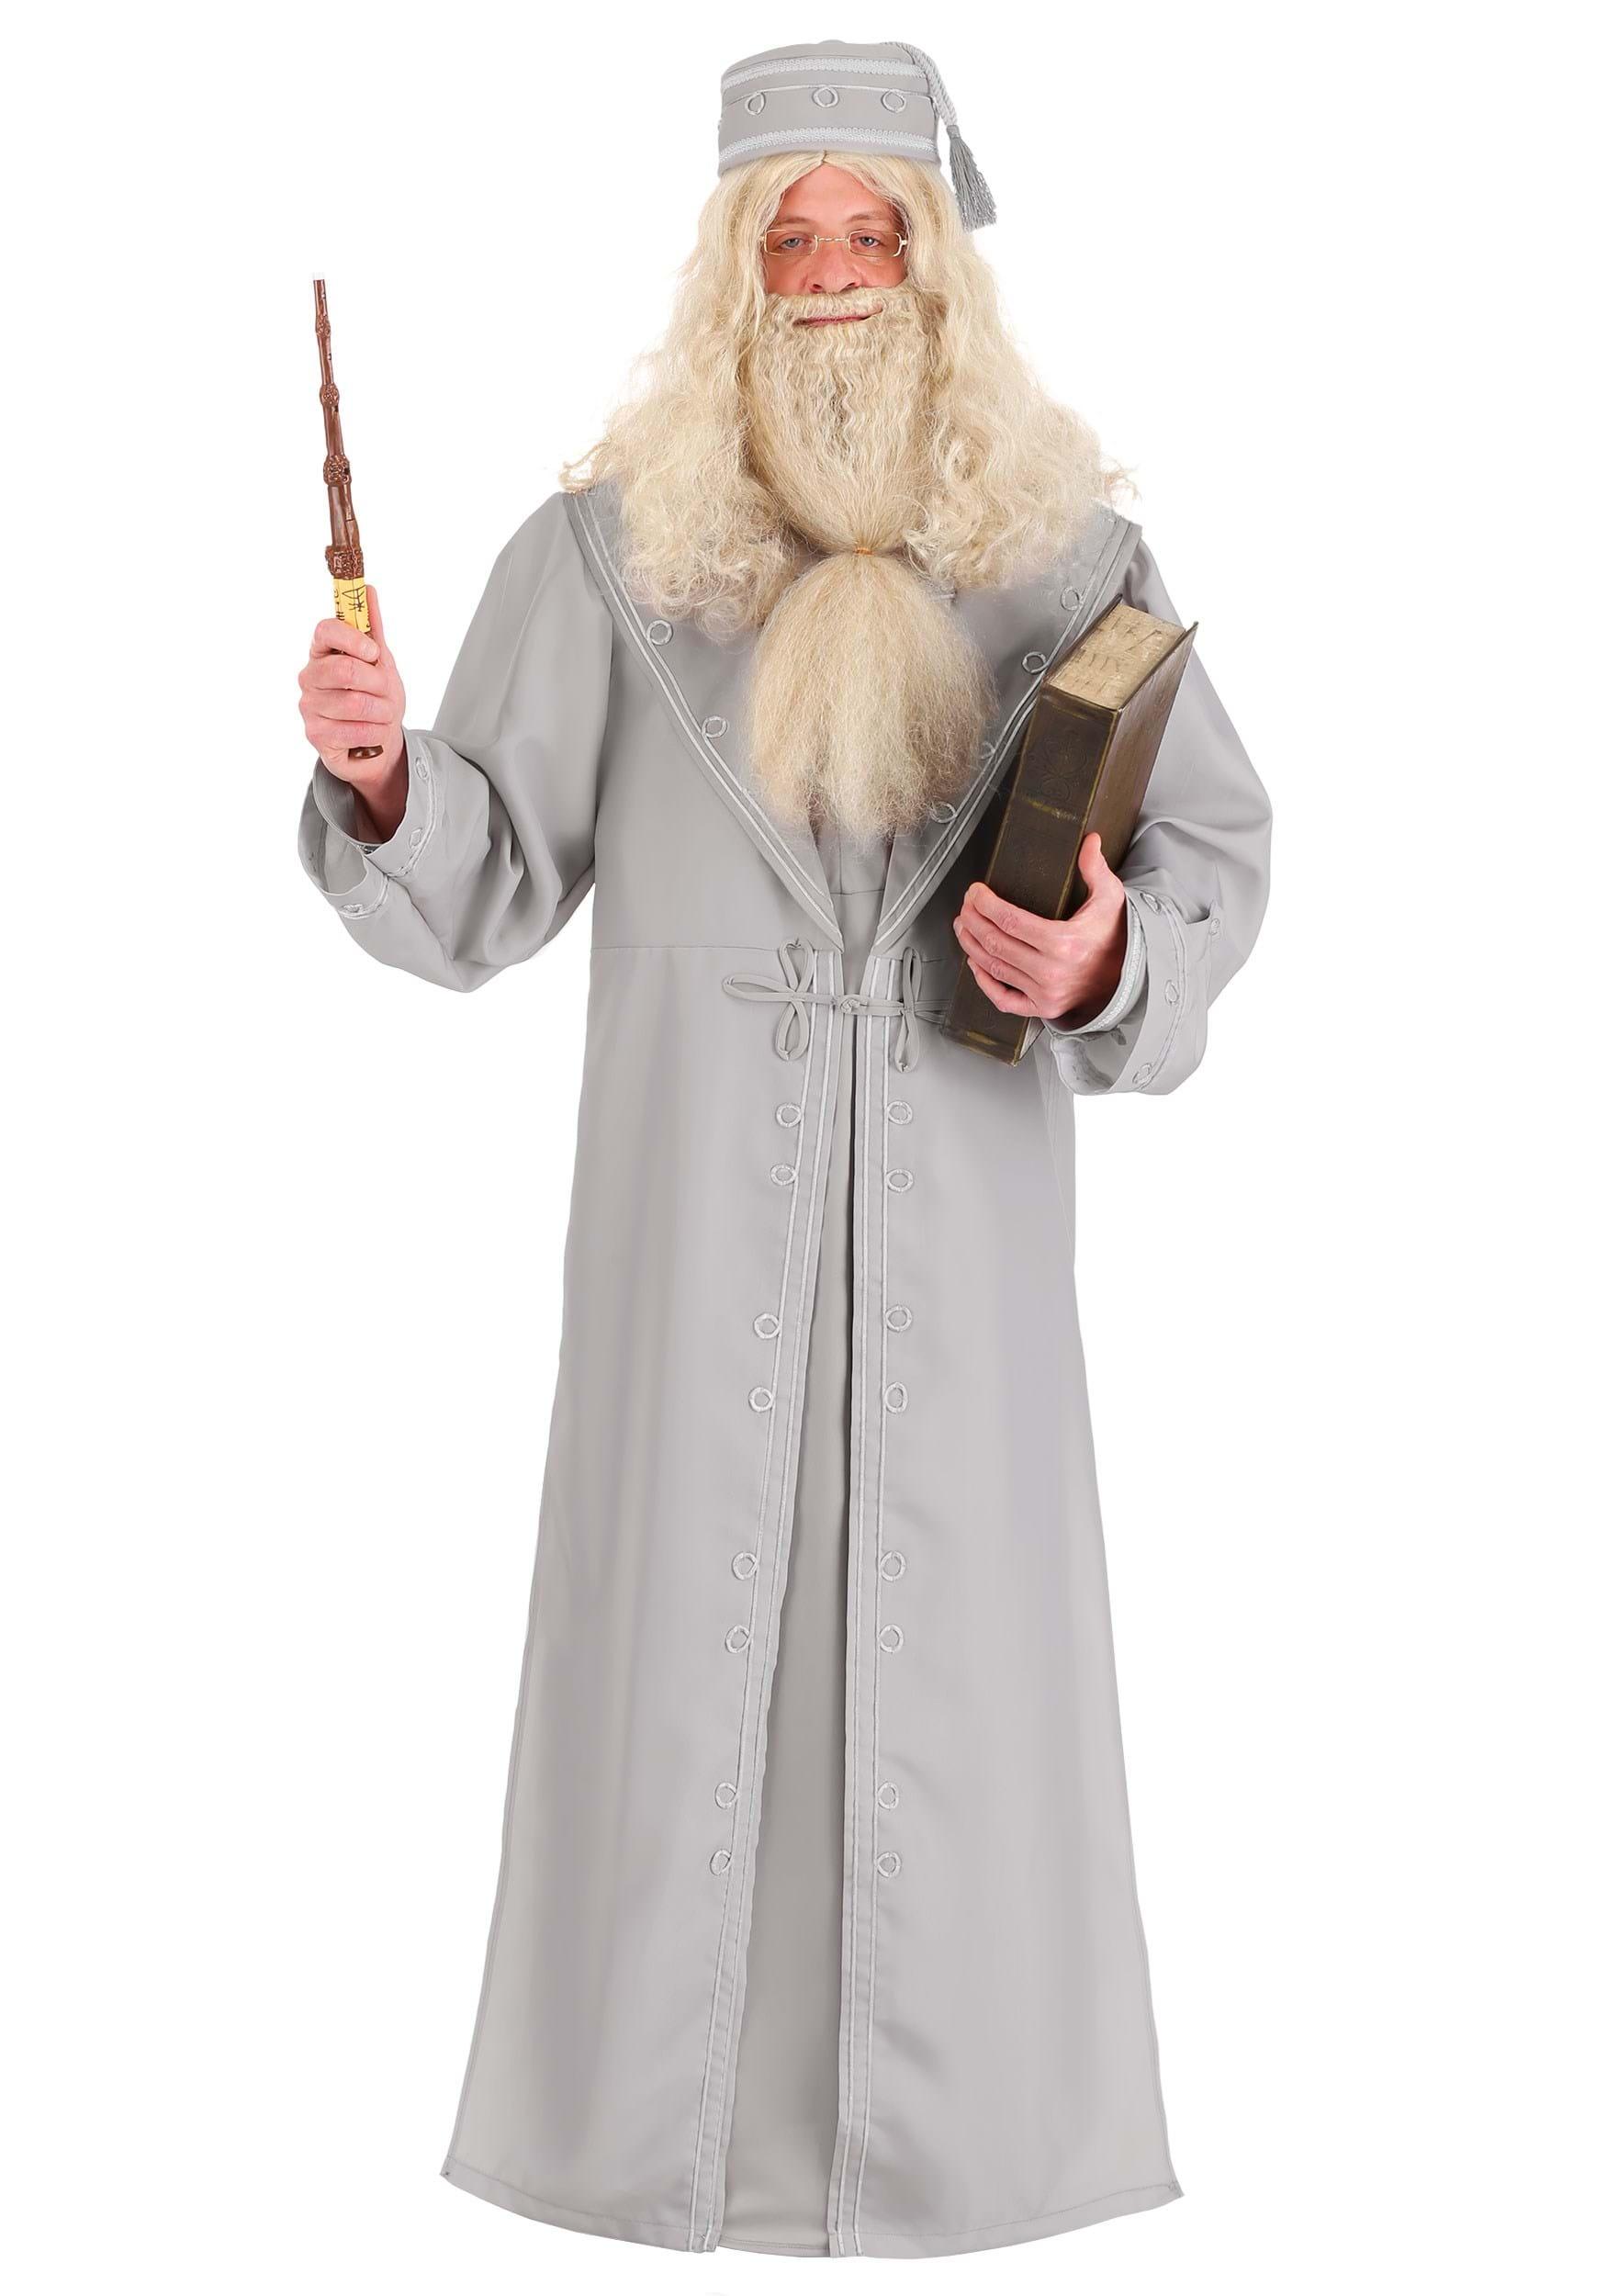 Dumbledore Halloween Costume